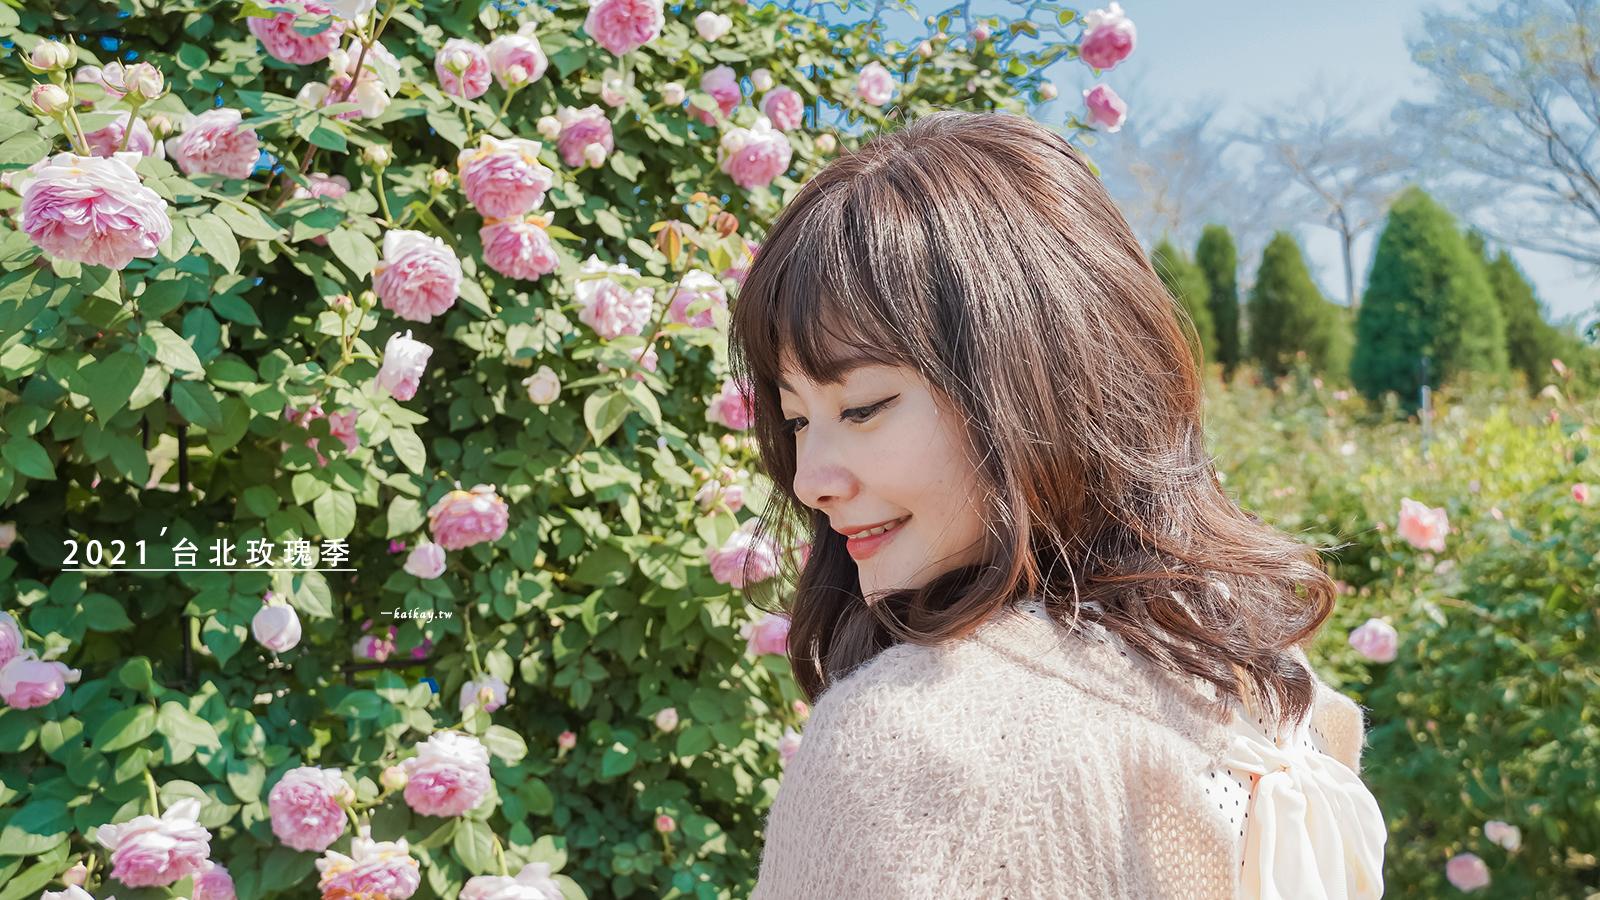 ☆【台北|圓山站】2021台北玫瑰展搶先看。闖入紅心皇后的五彩玫瑰園 @凱的日本食尚日記